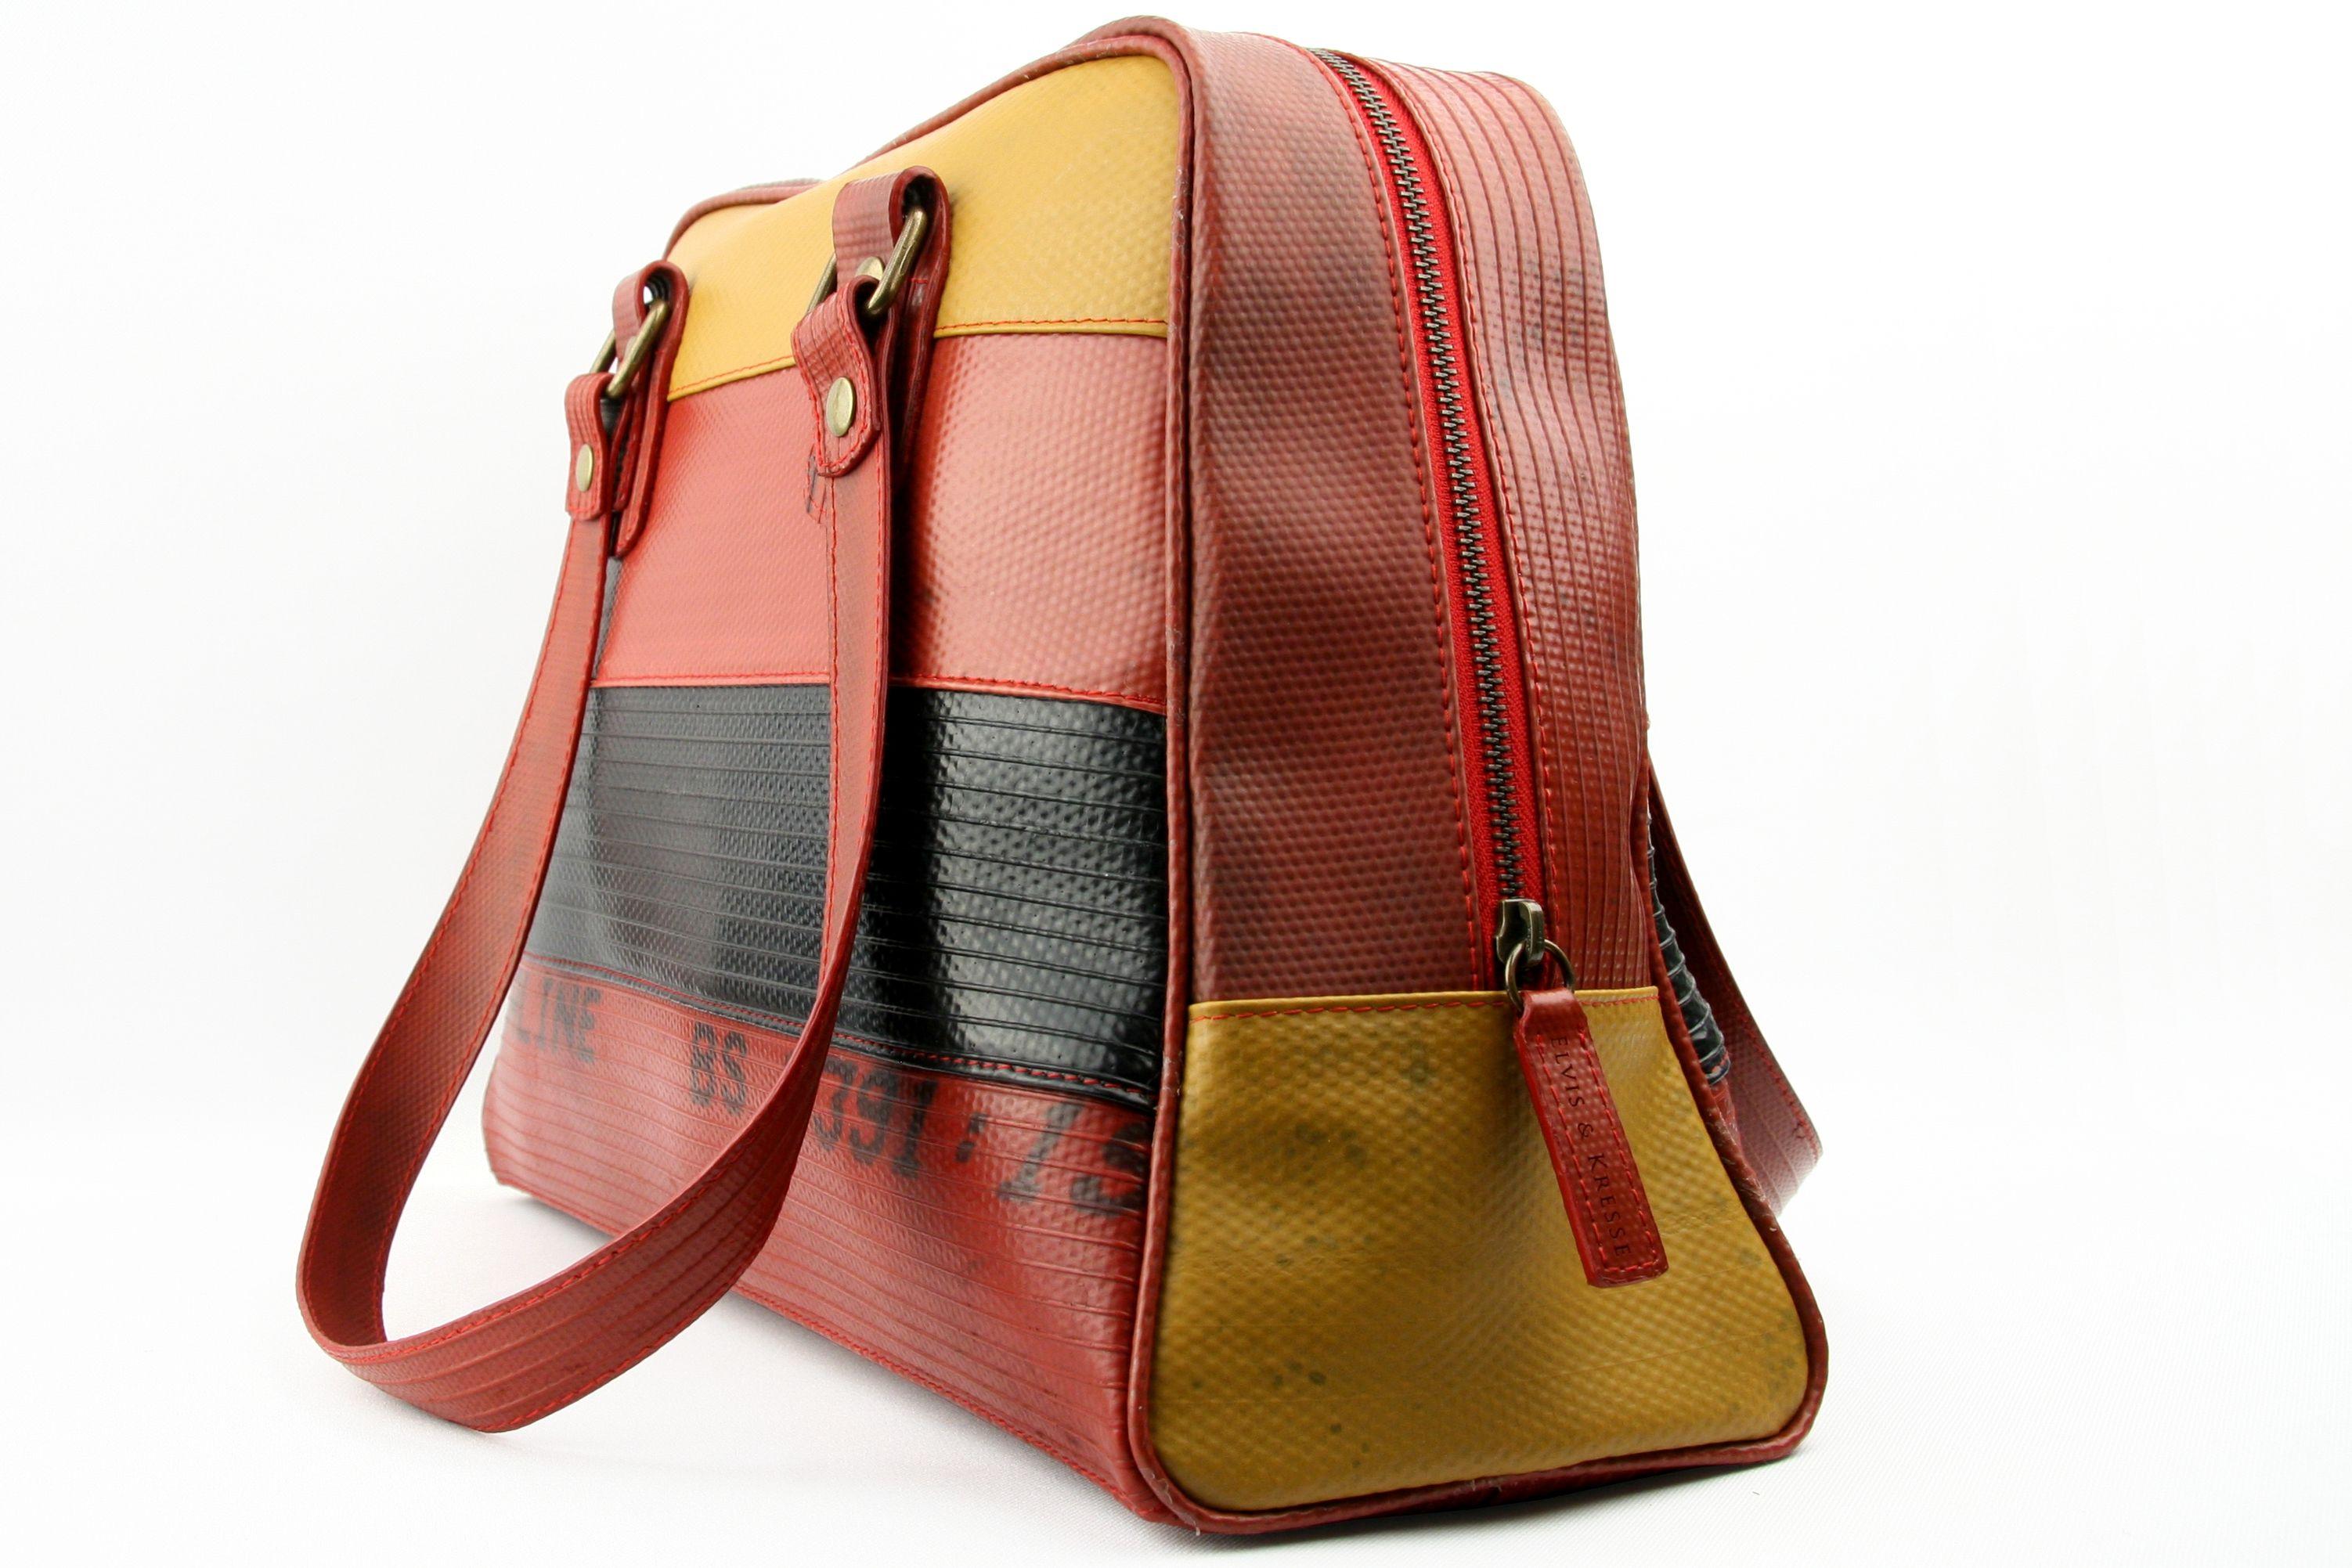 0e1544b6736 Tas gemaakt van brandslangen | handtassen uit brandweerslangen ...